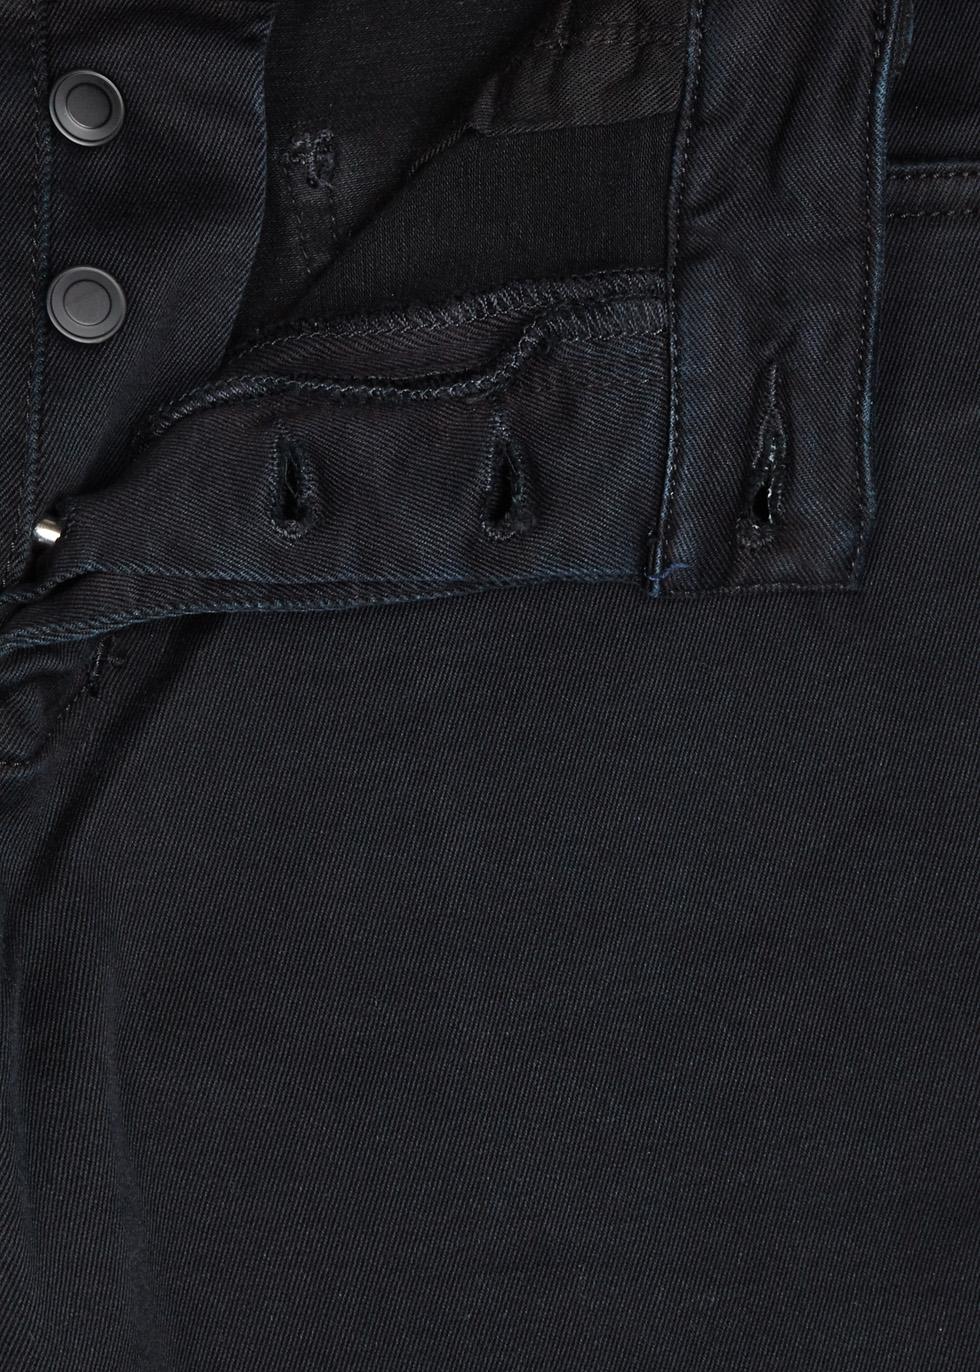 Iggy midnight blue skinny jeans - Neuw